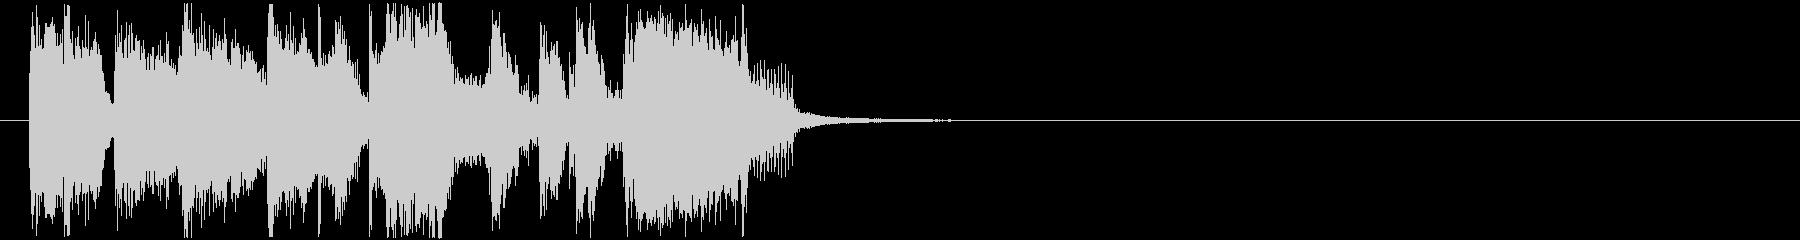 軽快 いきいき 元気 躍動 イベントの未再生の波形